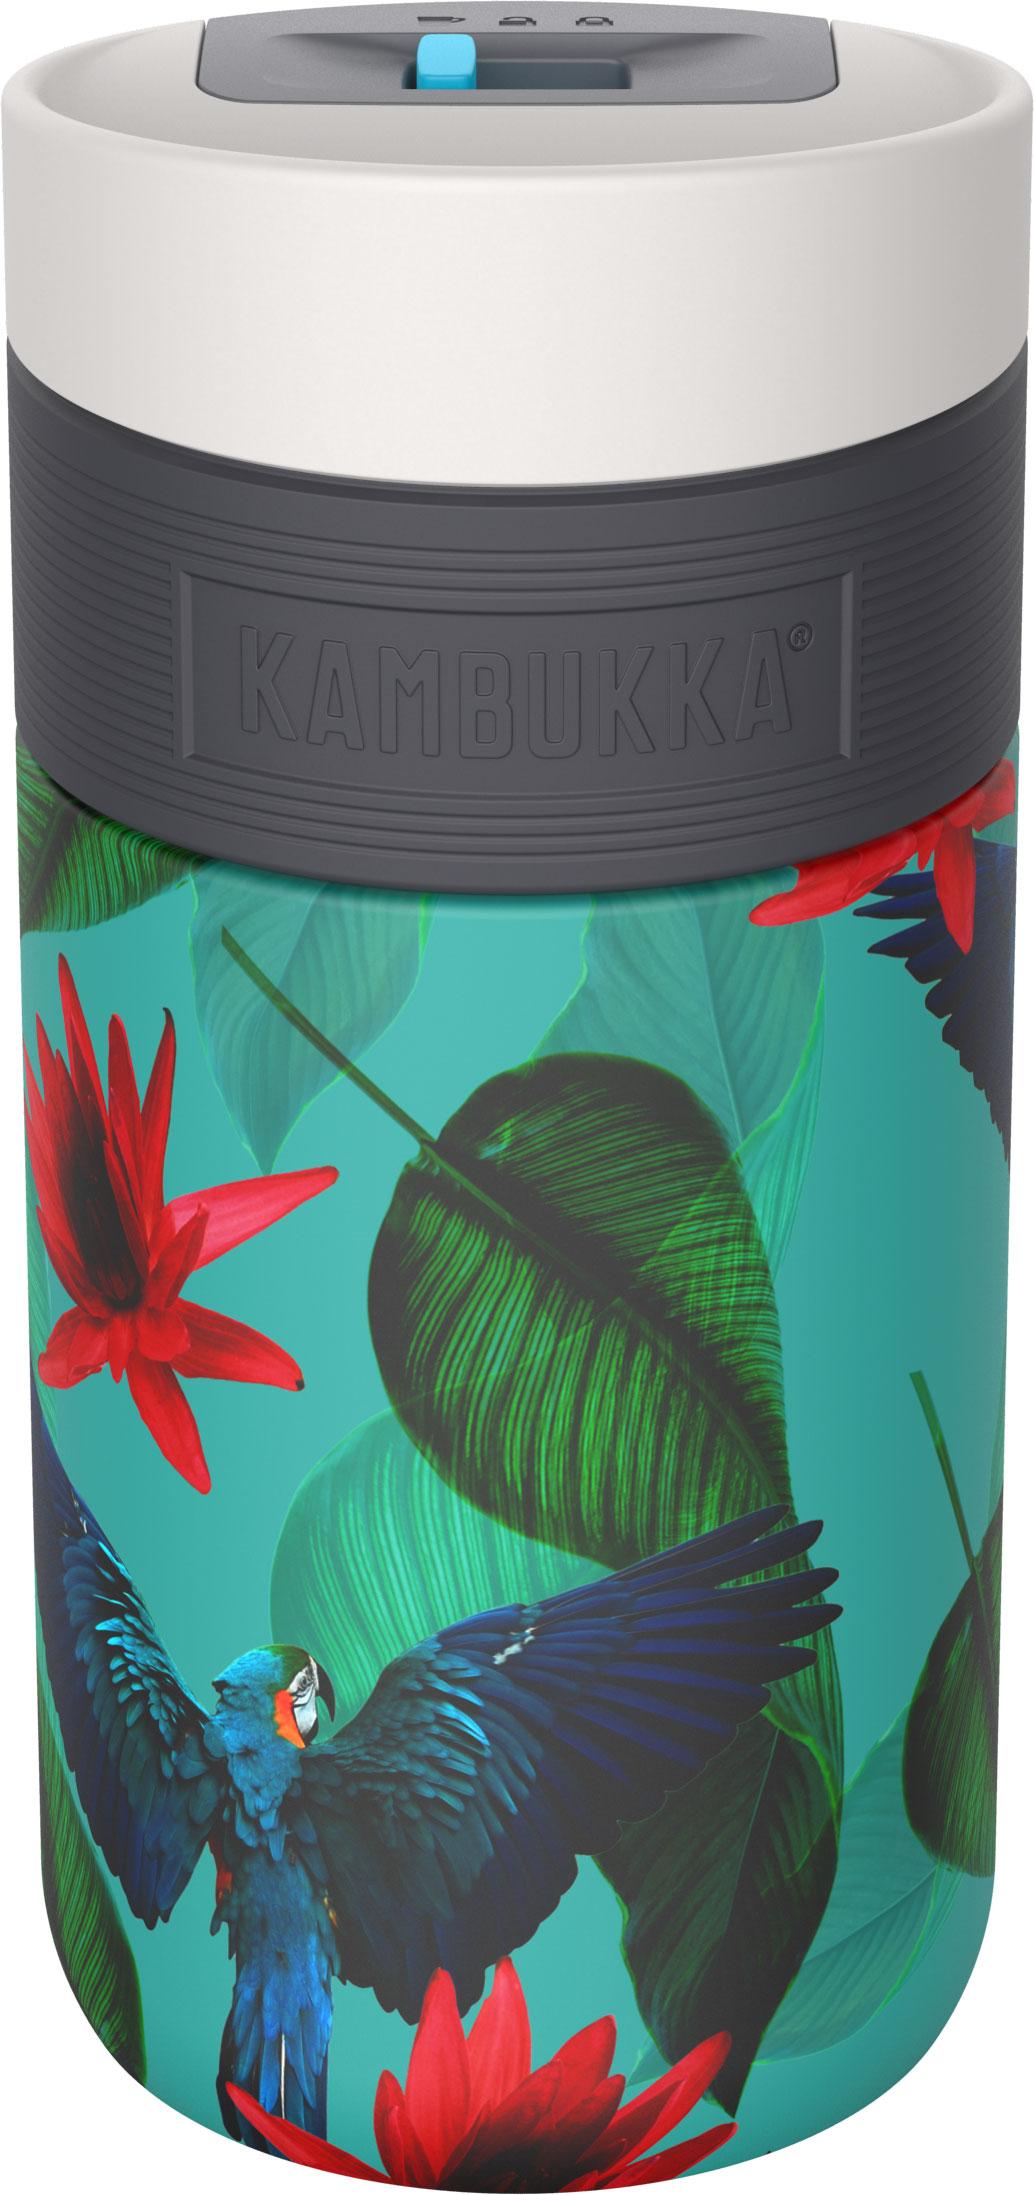 בקבוק שתיה תרמי תוכים 300 מ״ל Kambukka Etna